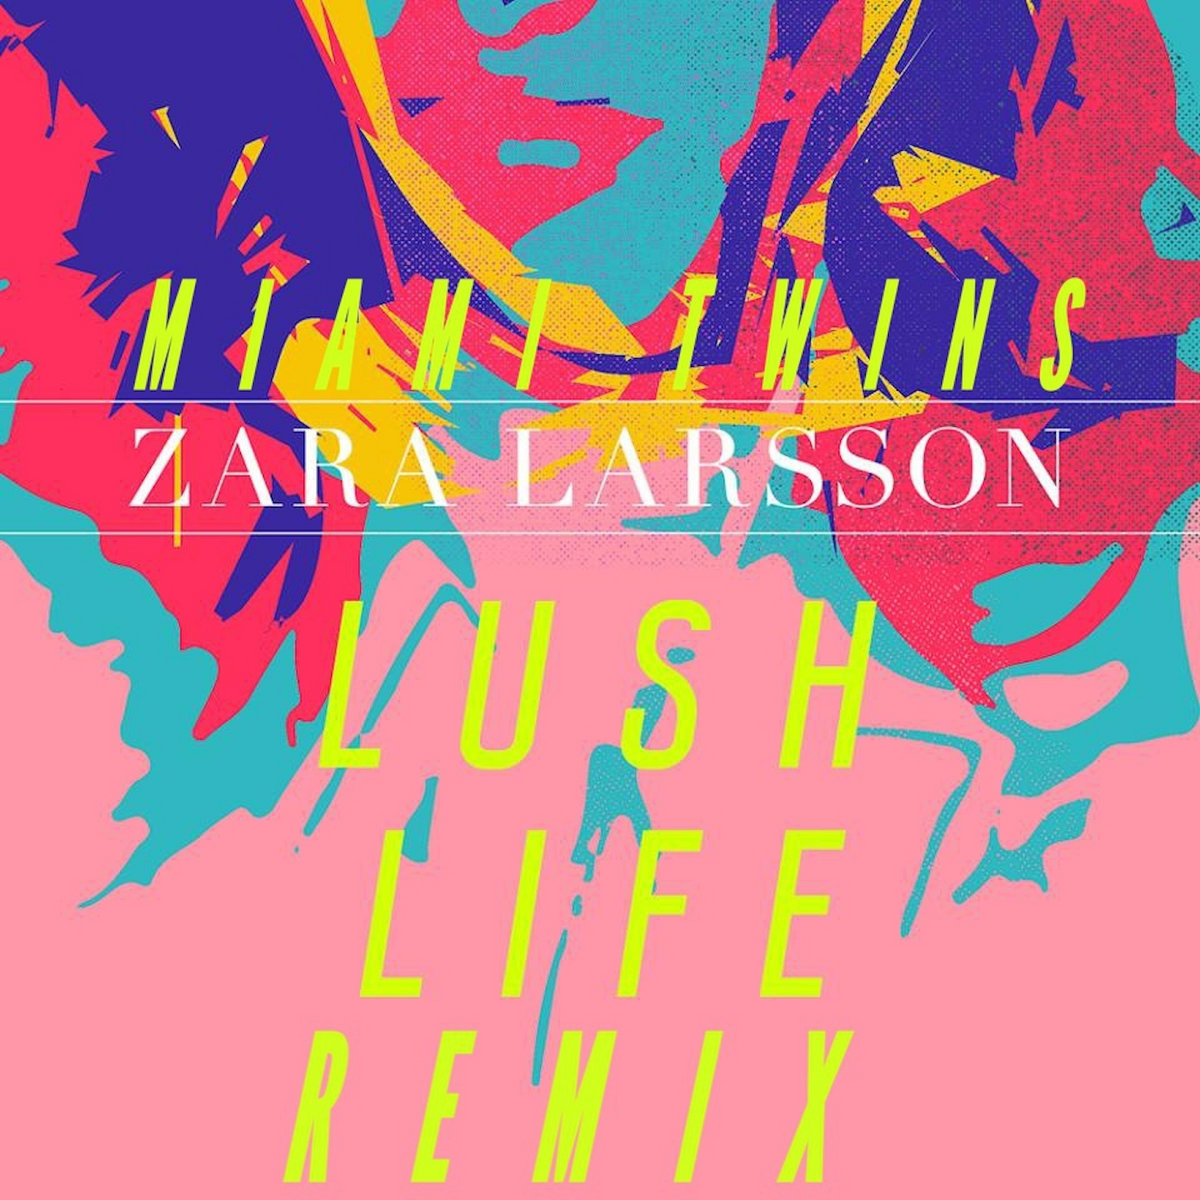 zara larsson lush life on mp3adsense anak abg cantik